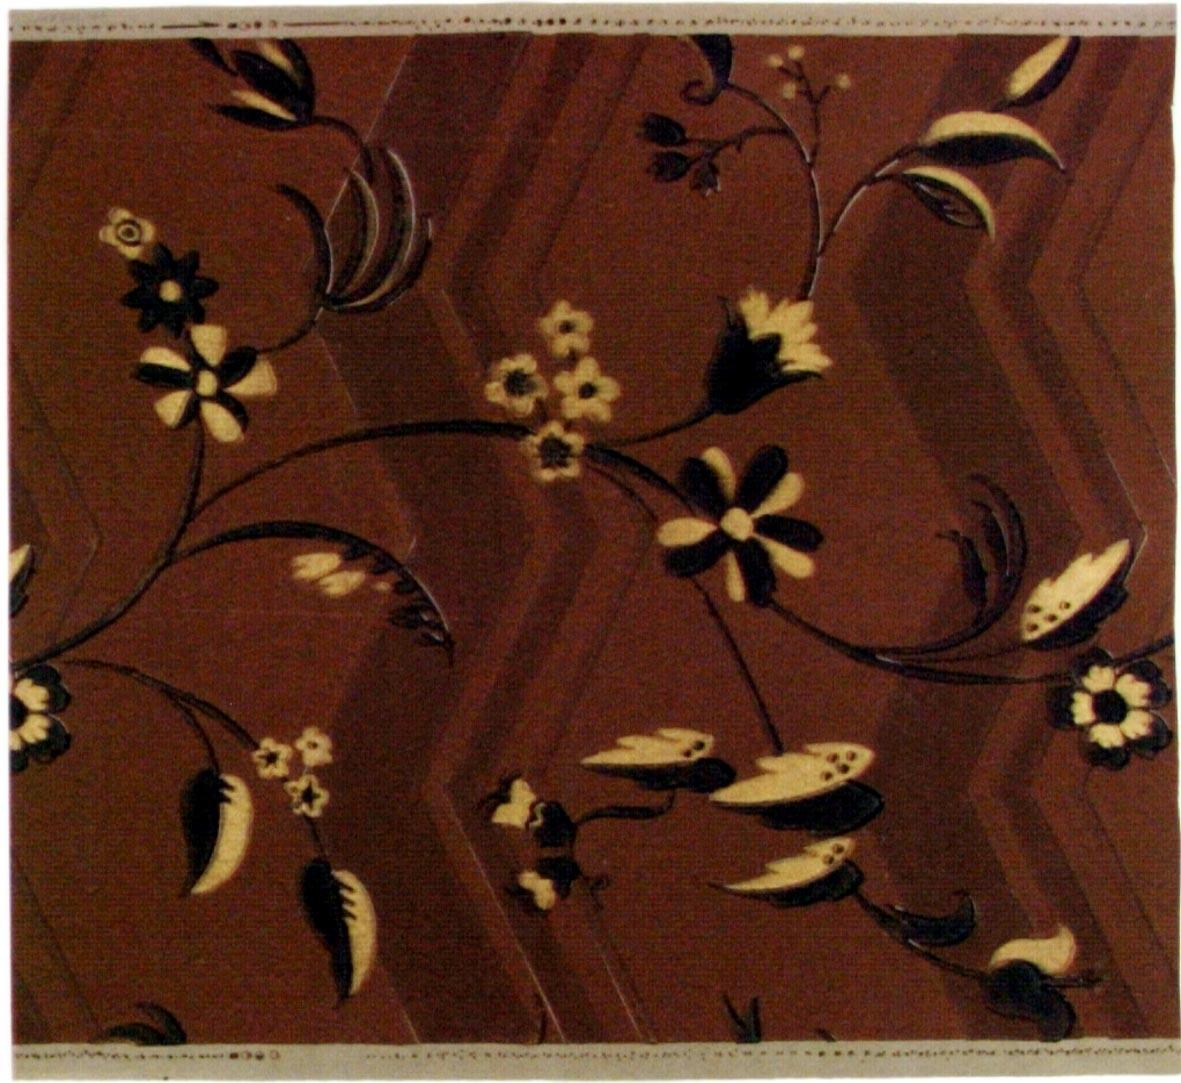 Stiliserade blommor och blad på en slingrande gren. Bakgrunden dekorerad med ett stort zickzackmönster. Tryck i svart och guld samt i två bruna nyanser.